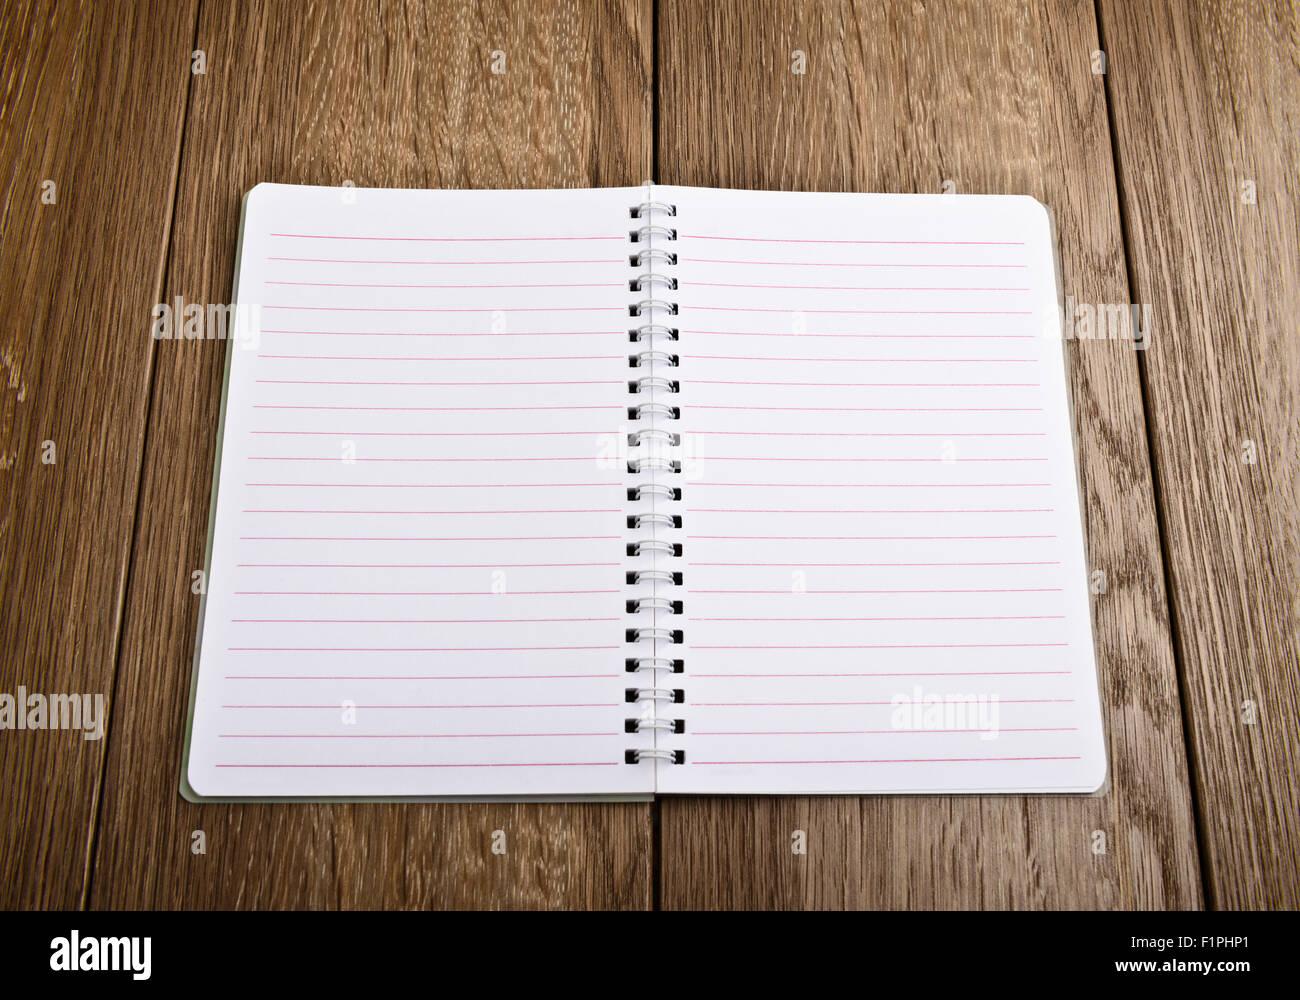 Papel de bloc. Página en blanco sobre fondo de madera Imagen De Stock